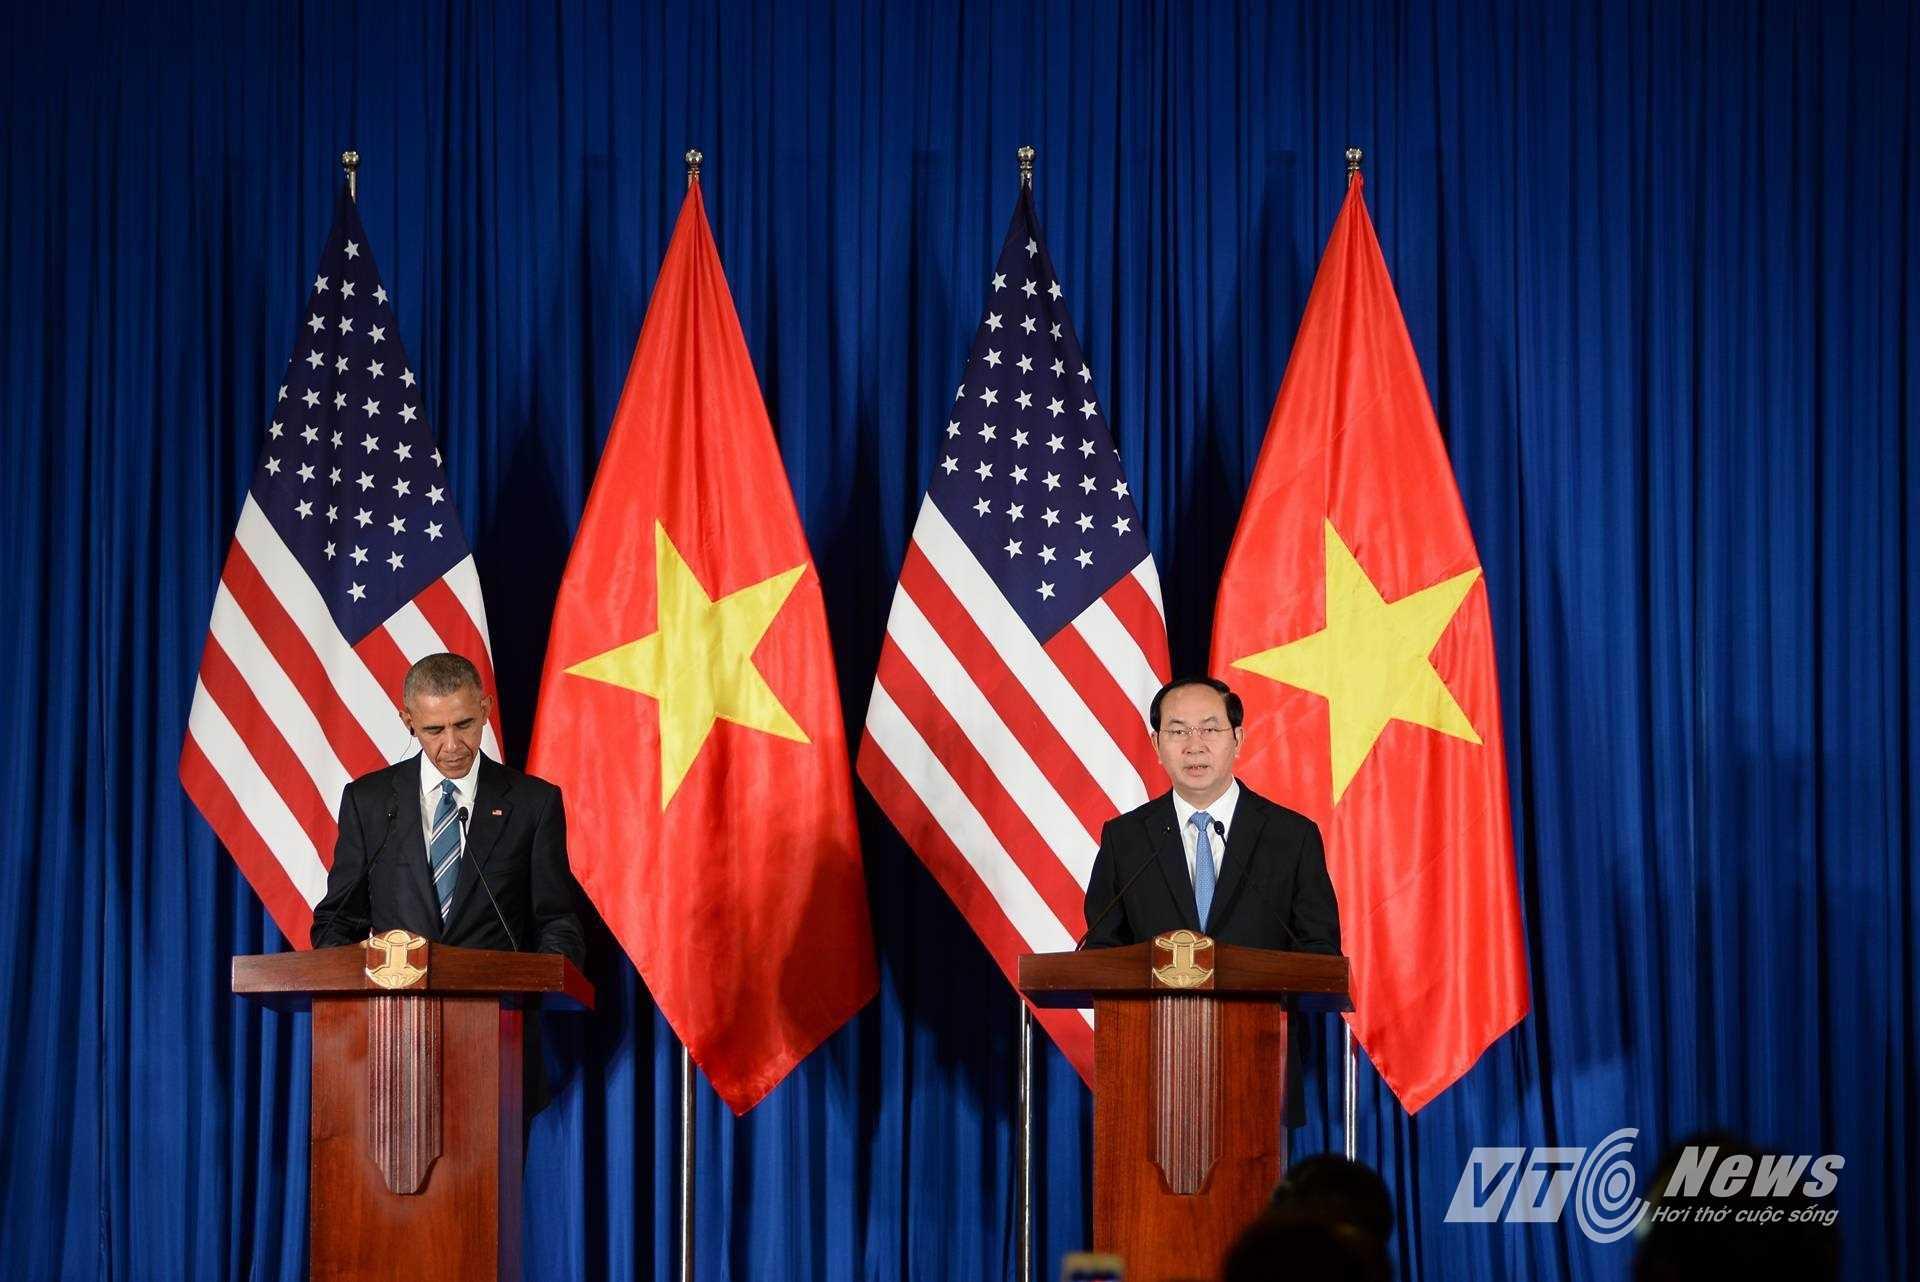 Khoảng 13h ngày 23/5, tổng thống Mỹ tham gia buổi họp báo chung với Chủ tịch nước Trần Đại Quang tại Trung tâm hội nghị Quốc tế (Ảnh: Tùng Đinh)